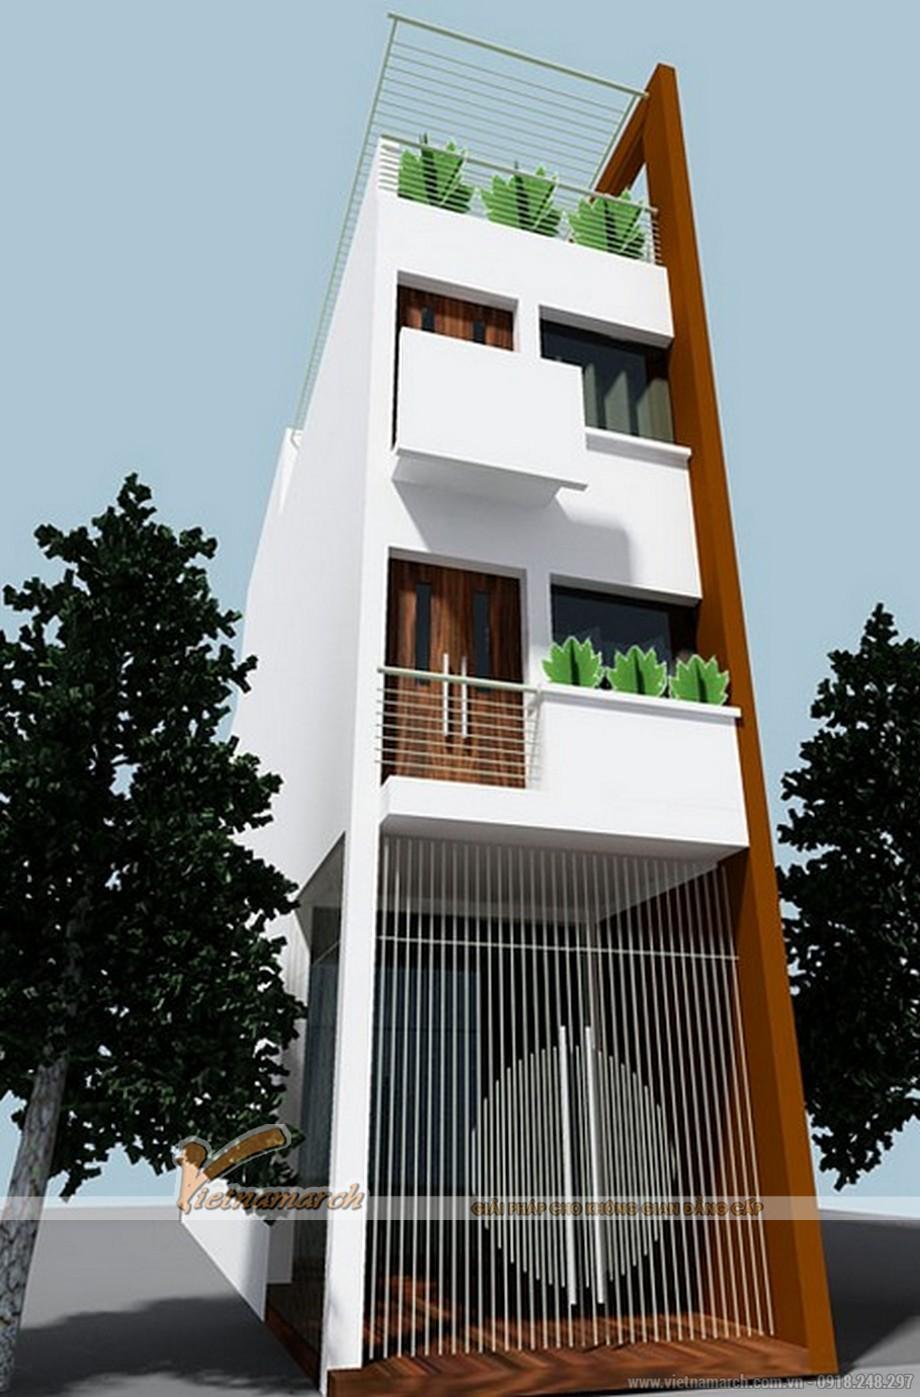 Cập nhật ngay những mẫu nhà phố đẹp, độc đáo cho gia chủ ở thành phố